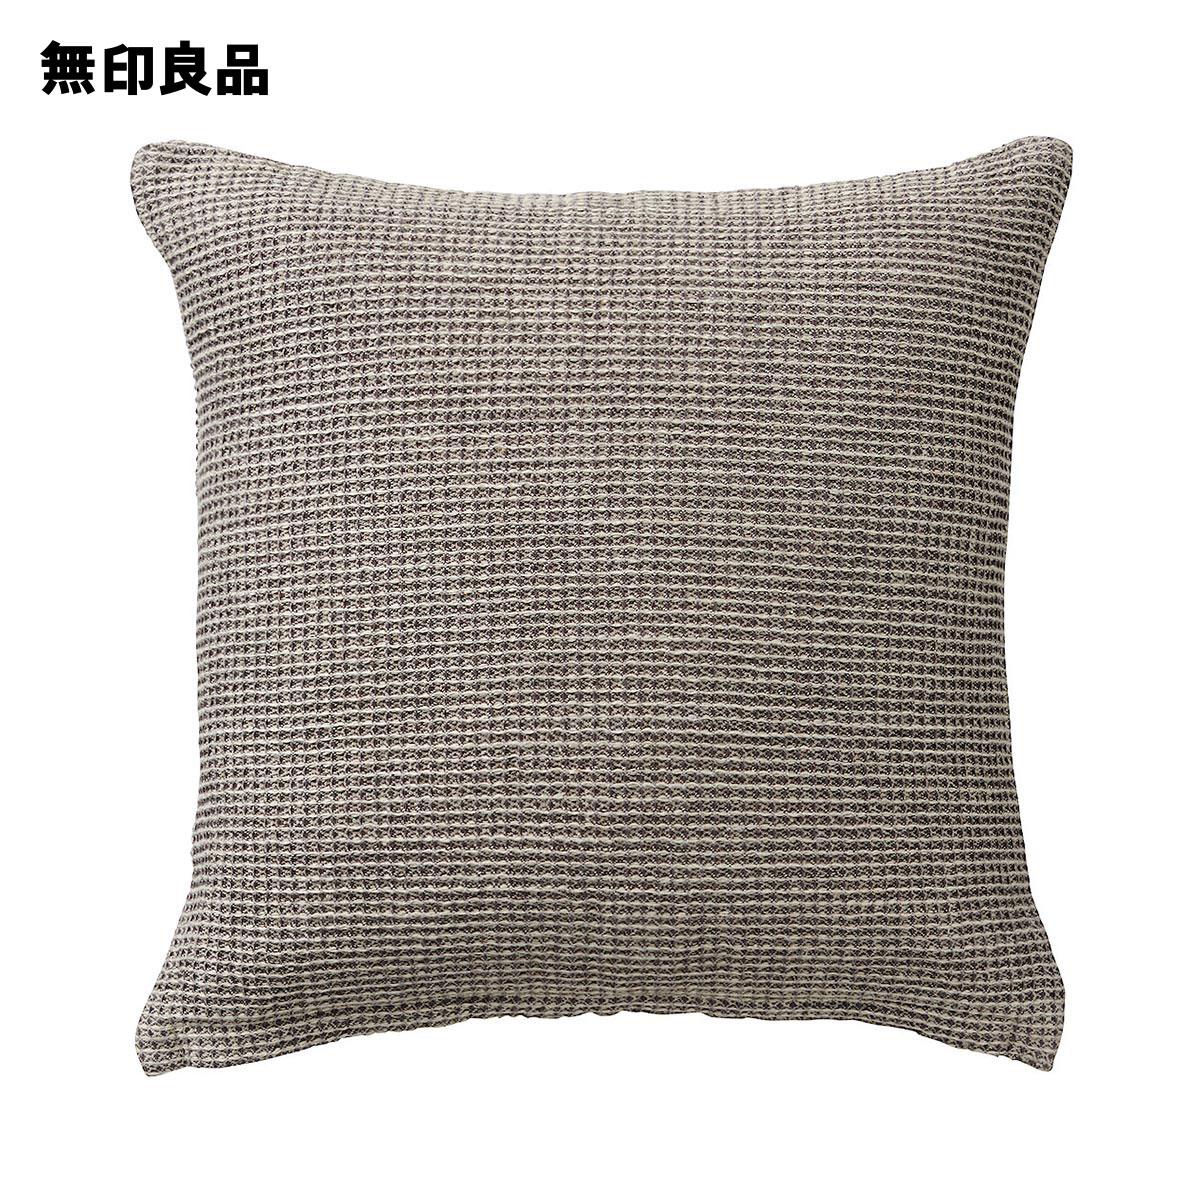 【無印良品 公式】麻綿ミニワッフルクッションカバー/チャコール 43×43cm用